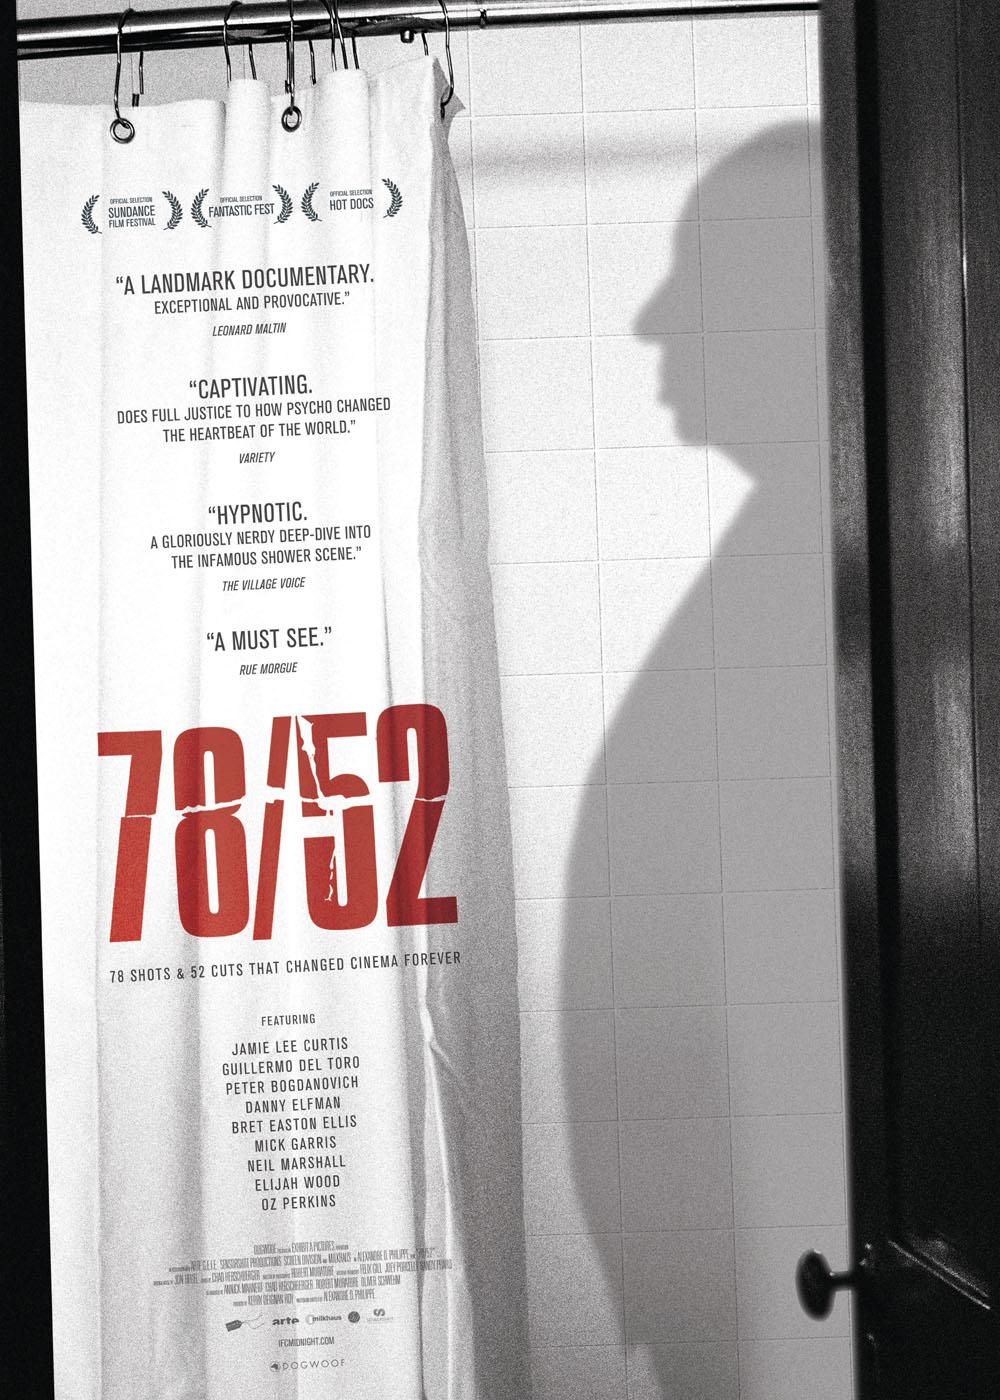 7852_poster.jpg